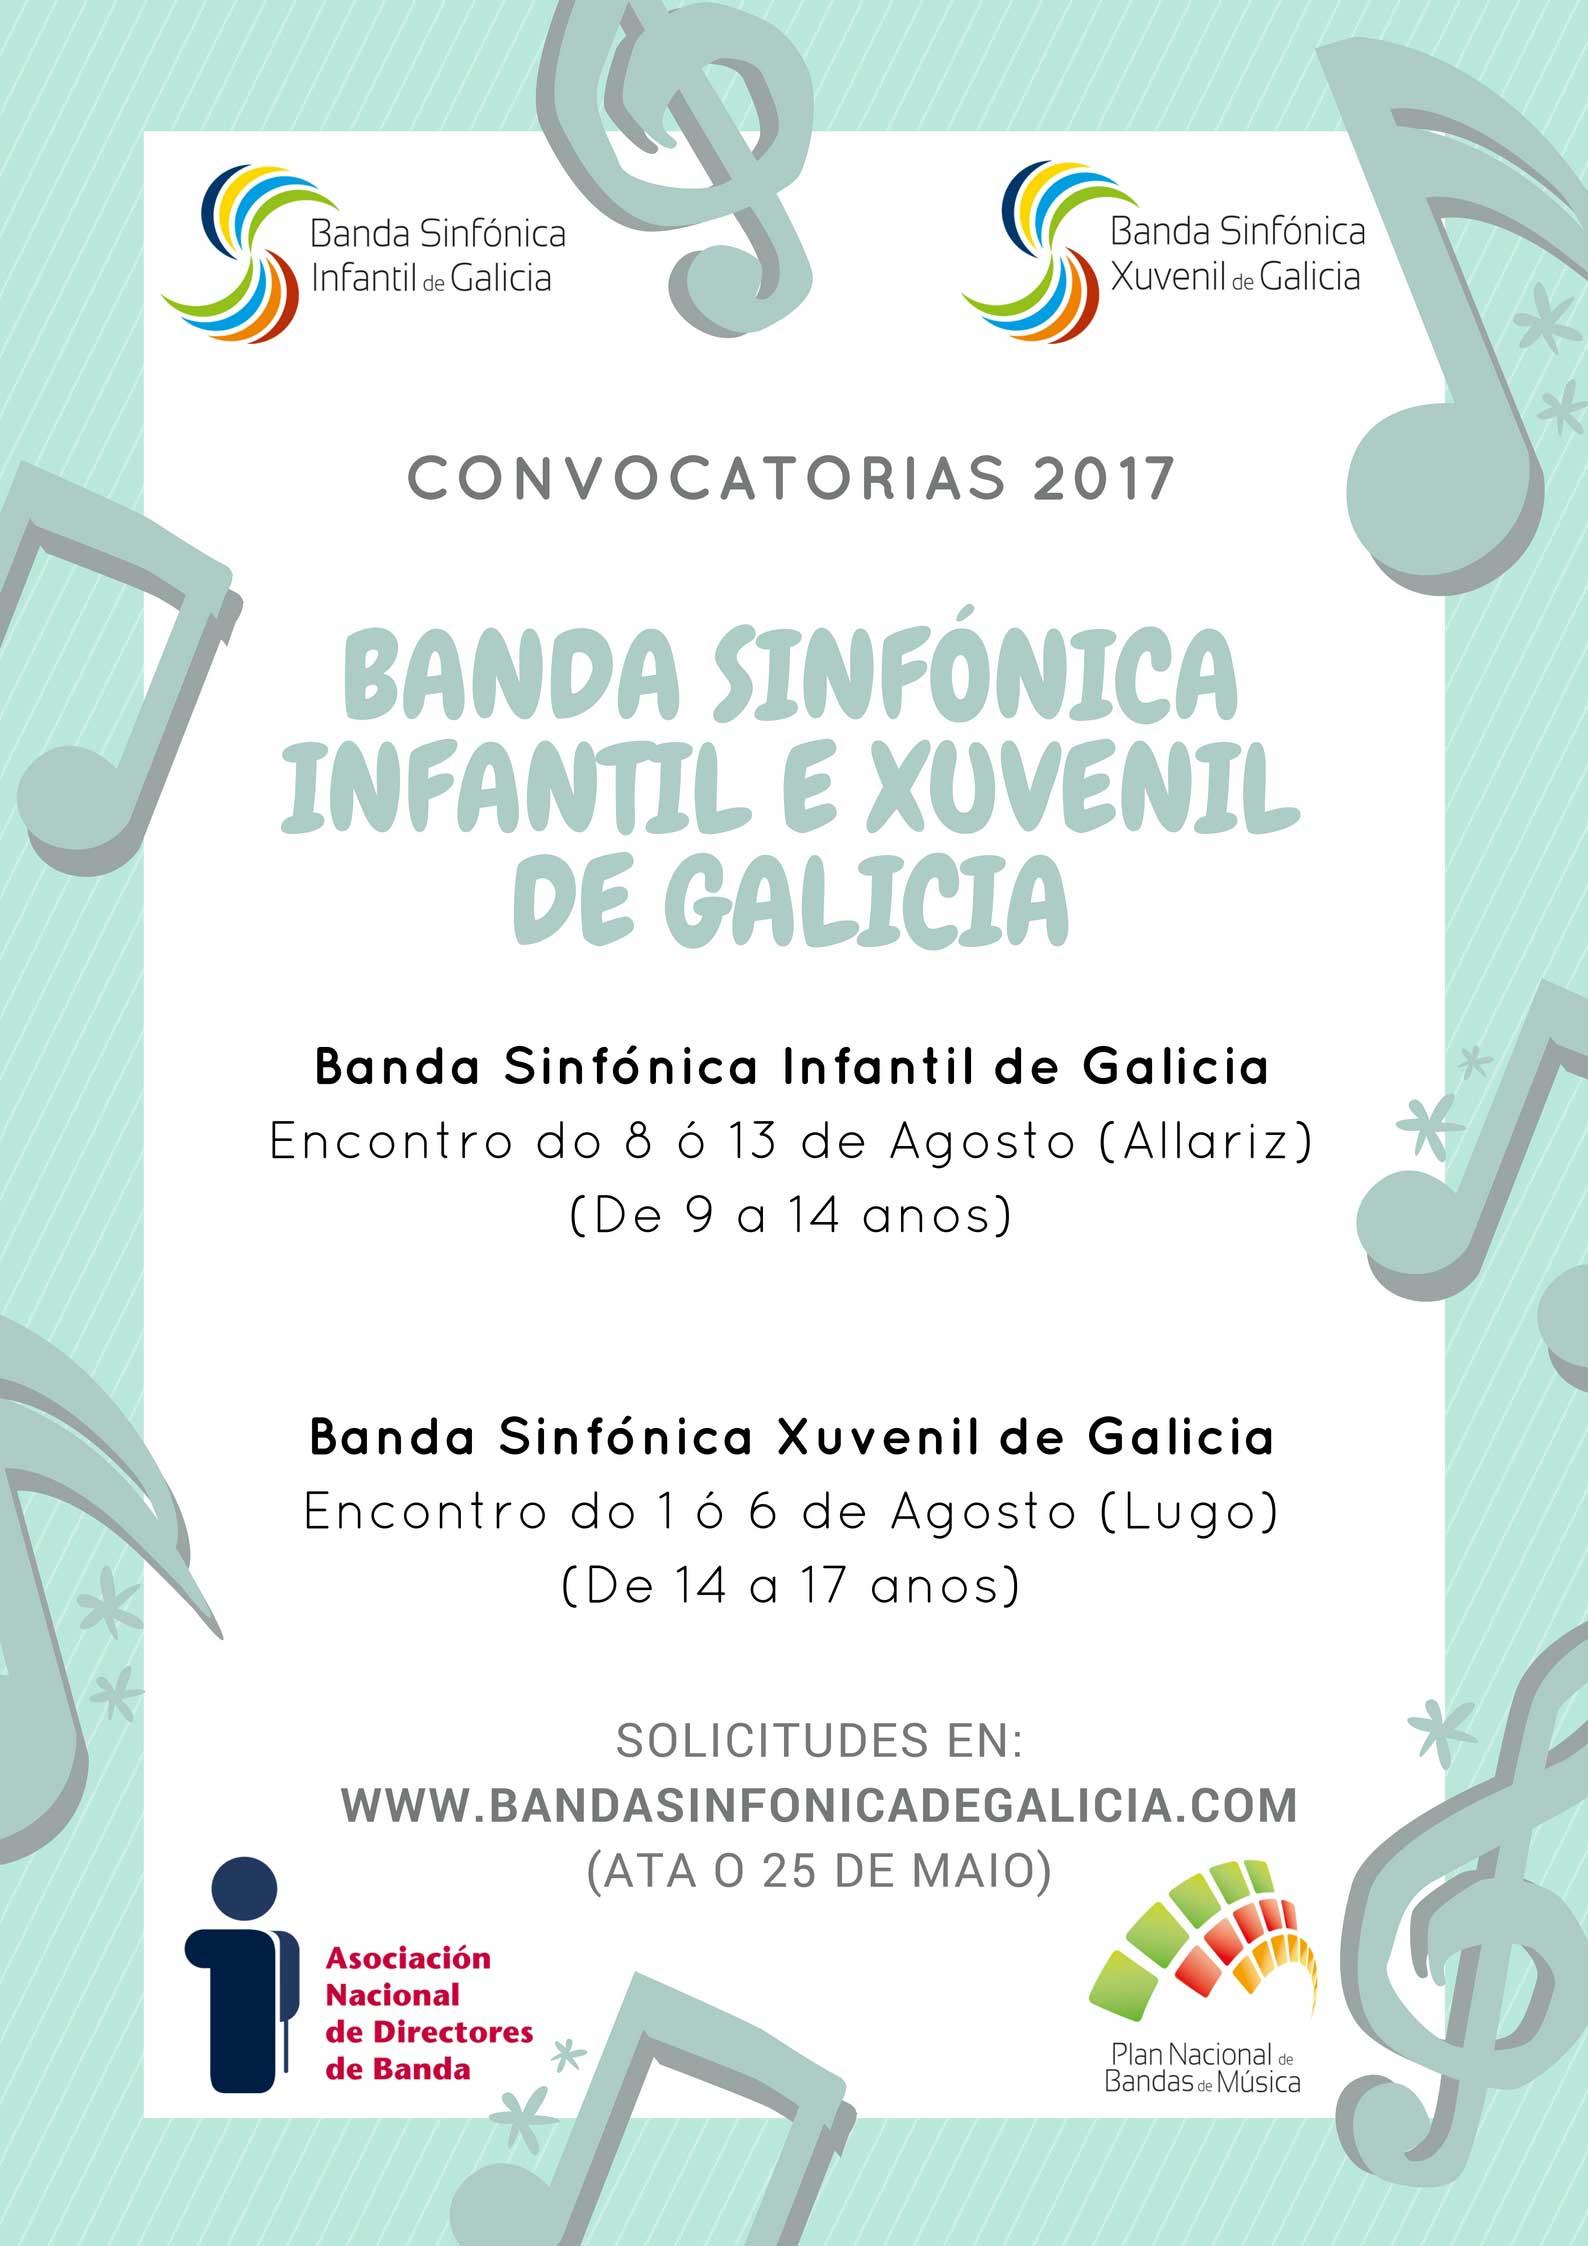 Encuentros 2017 De Las Bandas Sinfónicas De Galicia